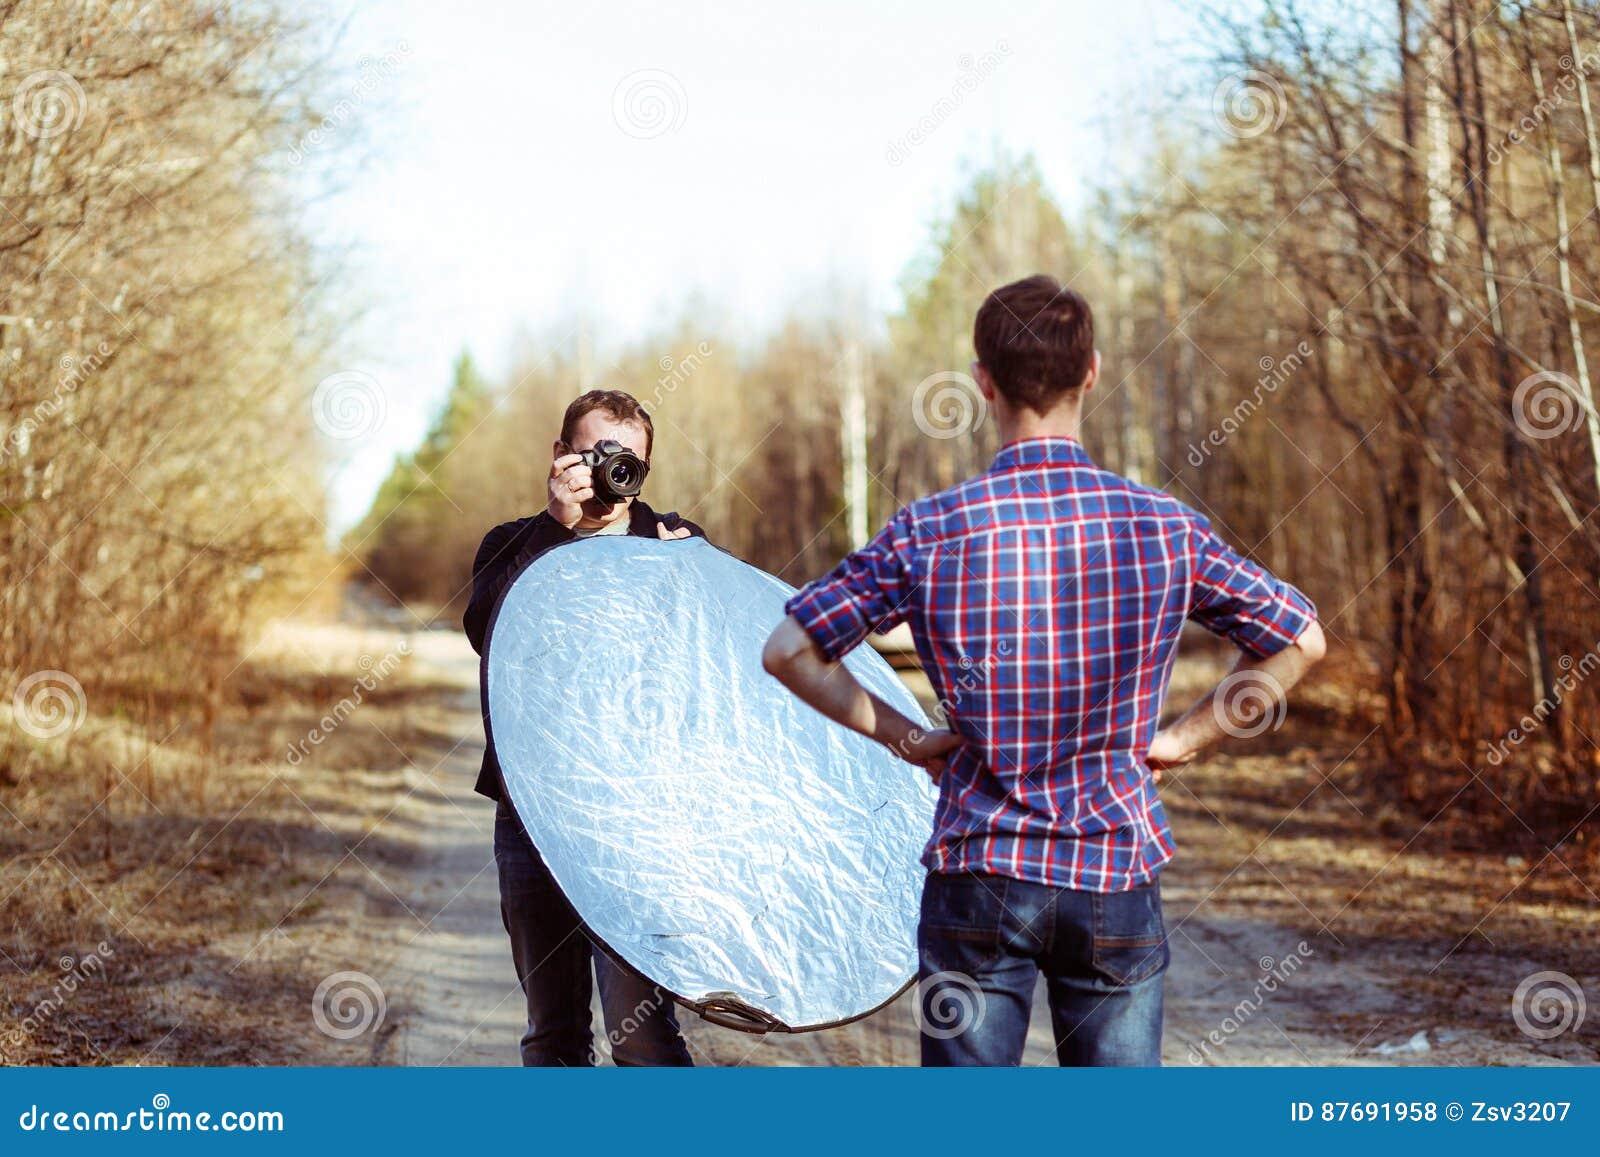 Photographe Photographing Male Model en Forest Backstage de mode Photoshoot par le photographe professionnel avec DSLR